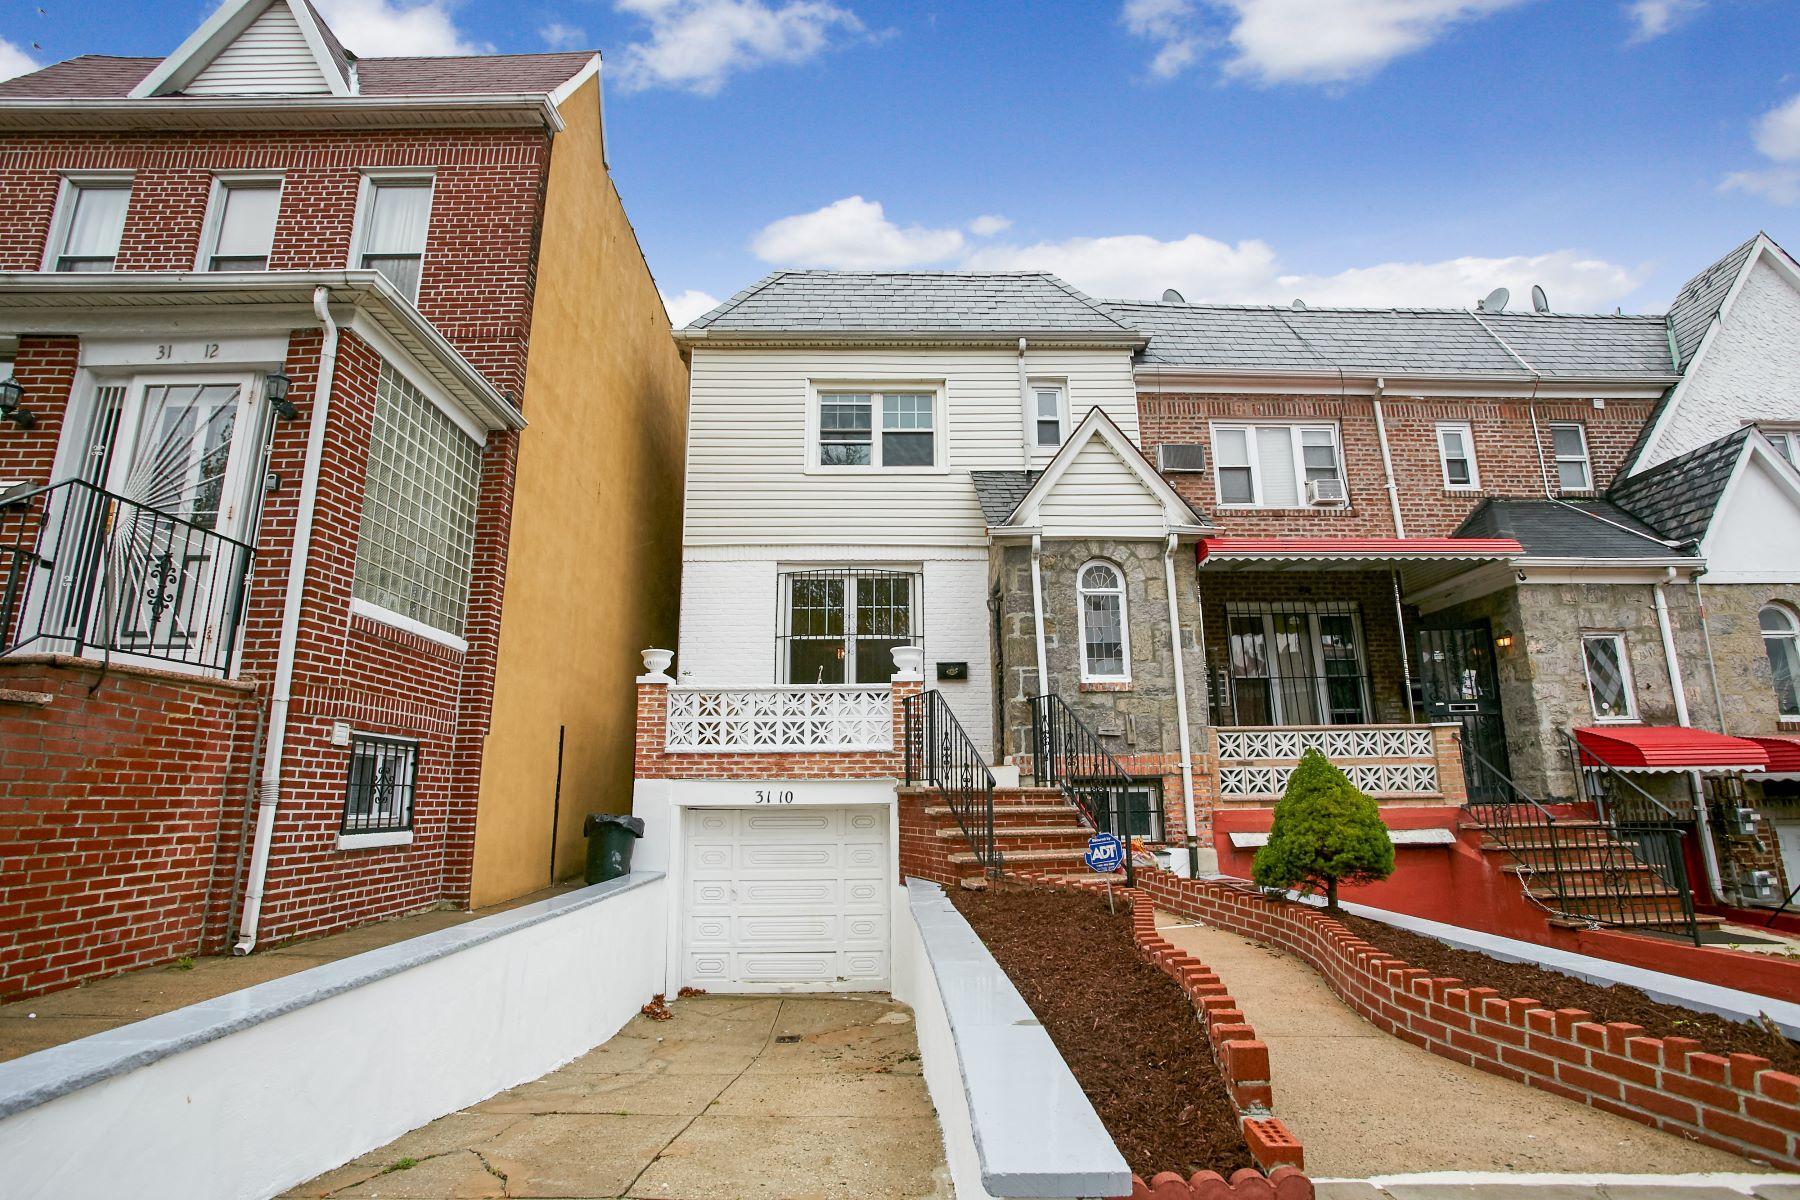 Single Family Homes for Sale at E. Elmhurst 31-10 82nd St East Elmhurst, New York 11370 United States